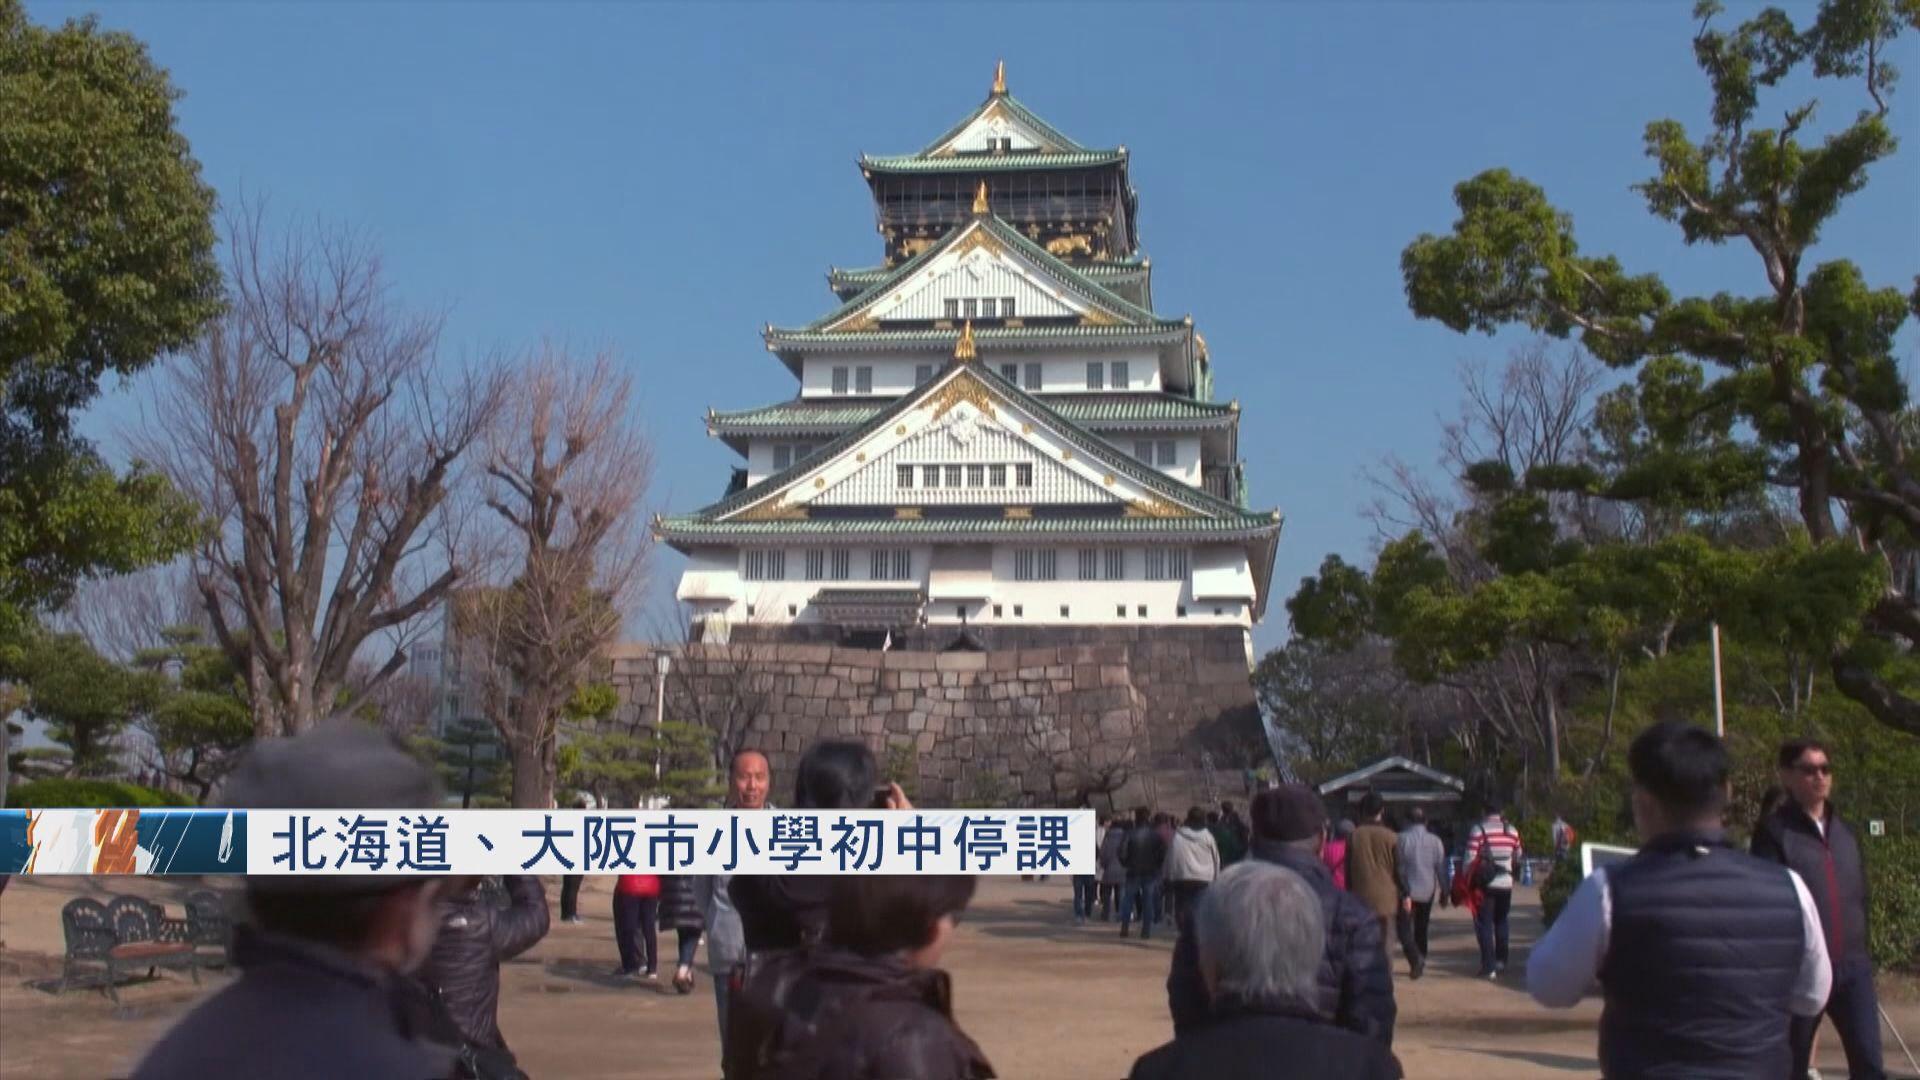 日本新增一死亡個案 北海道大阪市小學初中停課